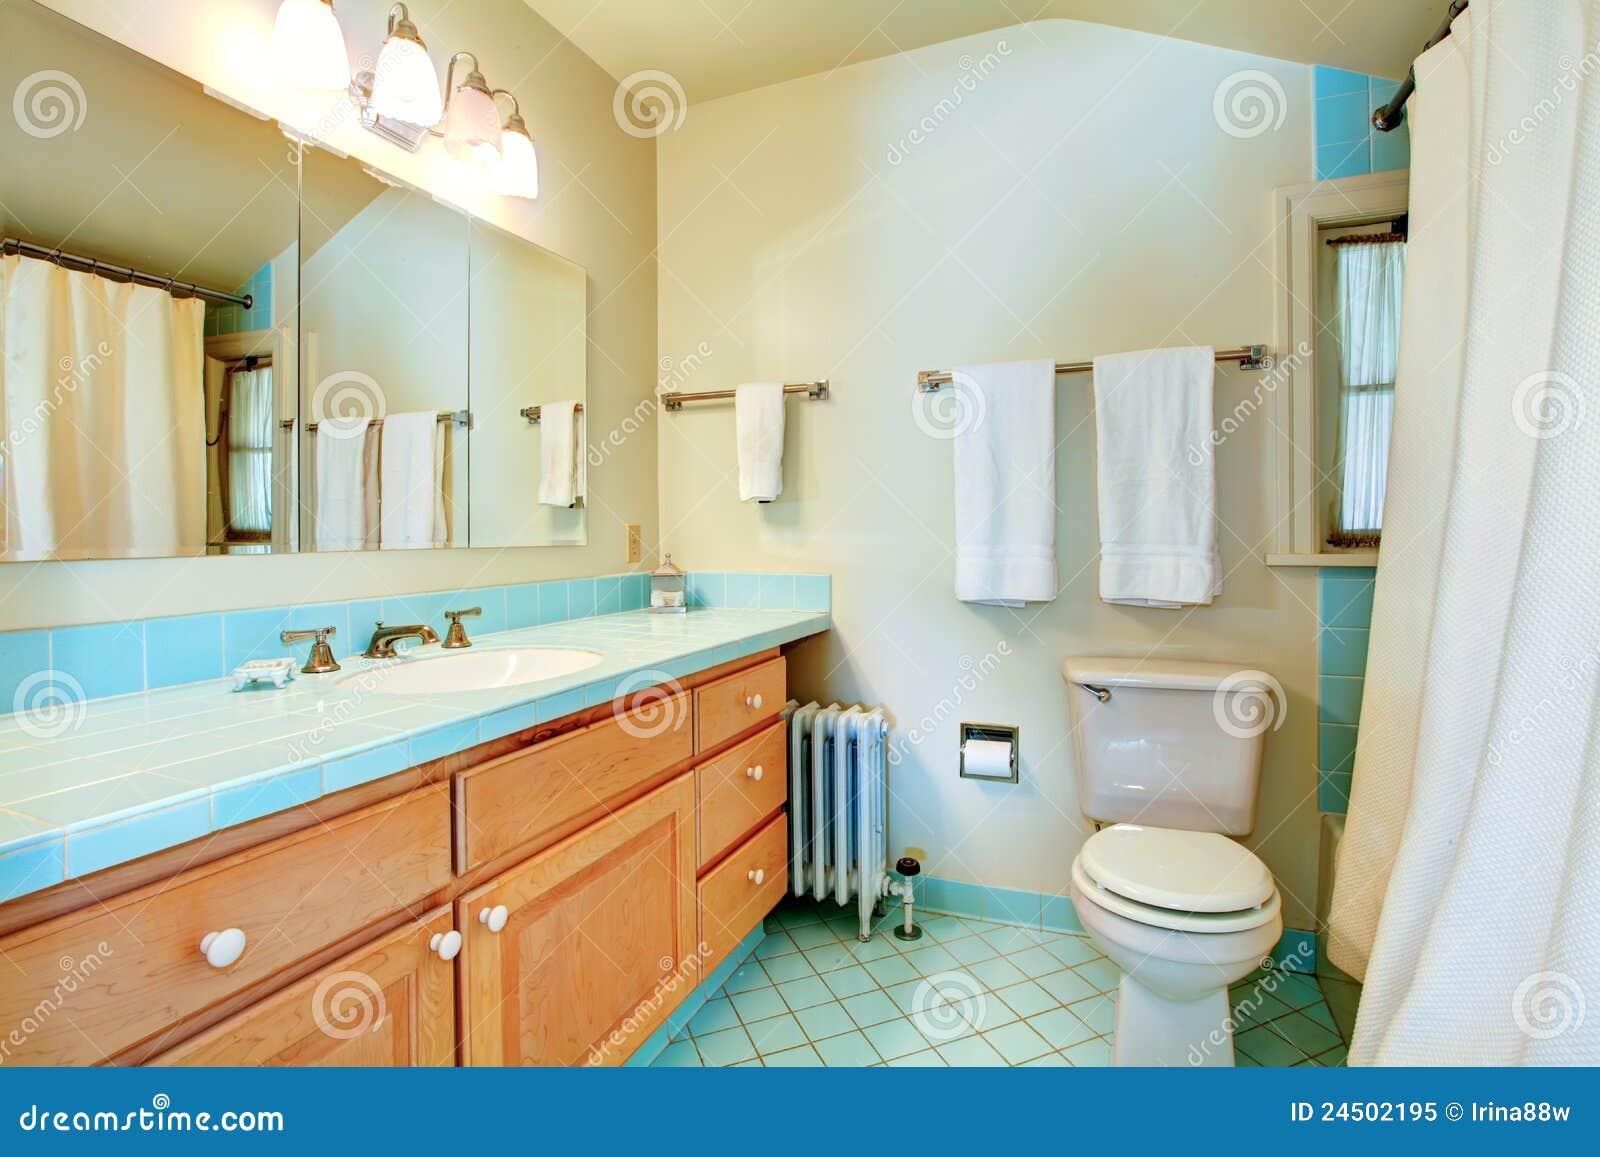 Badkamer Idee Natuur : Oude antieke badkamers met blauwe tegels stock afbeelding